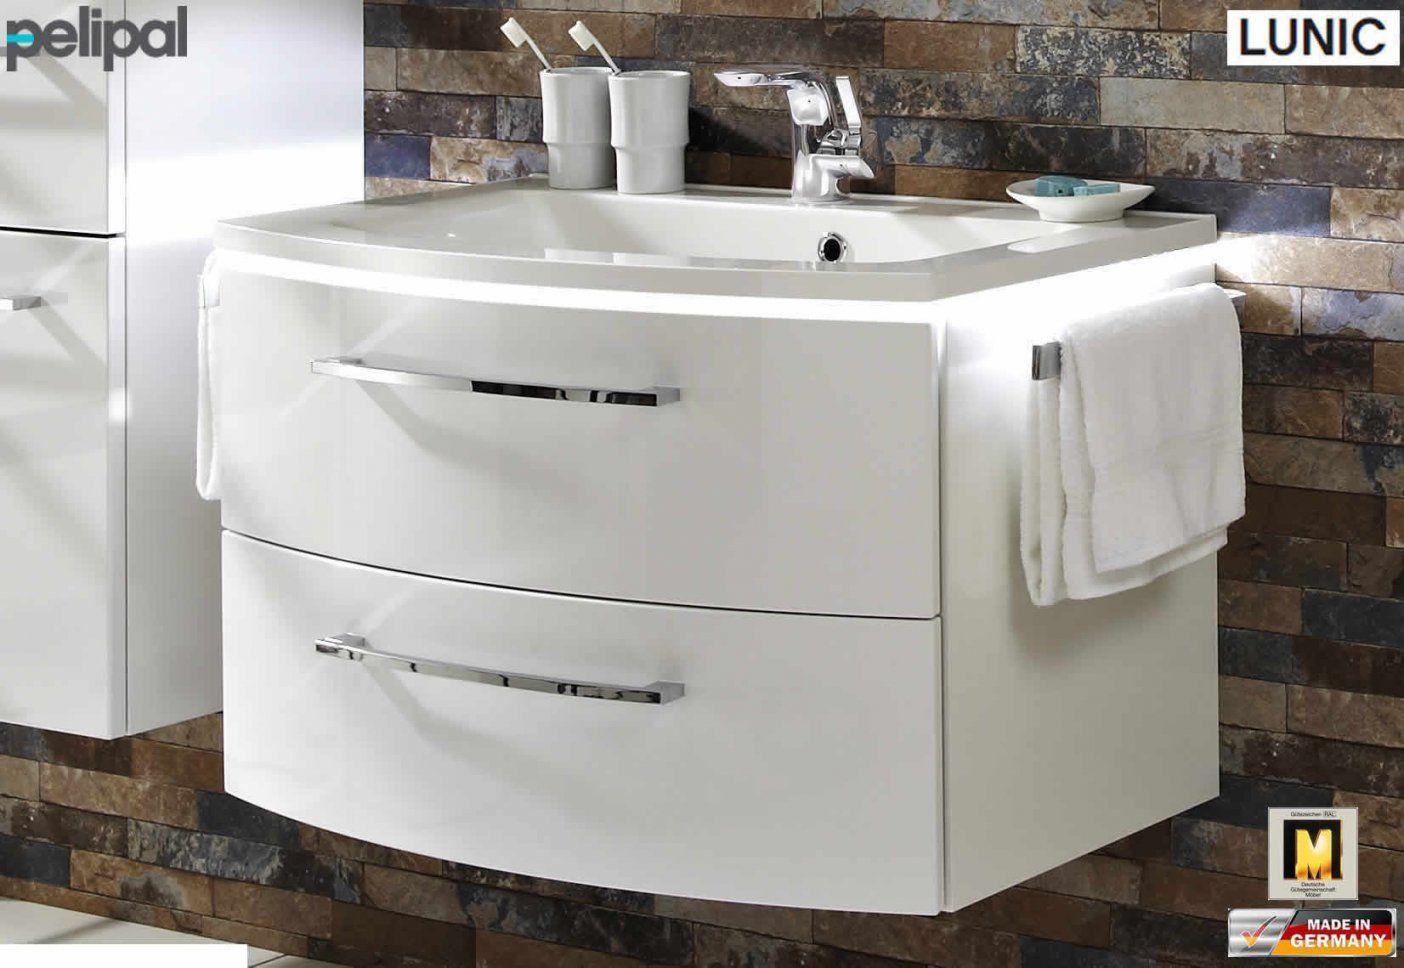 Pelipal Lunic Waschtisch Set 80 Cm Breite  48 Cm Tiefe  Impuls Home von Waschtisch 80 Cm Breit Bild